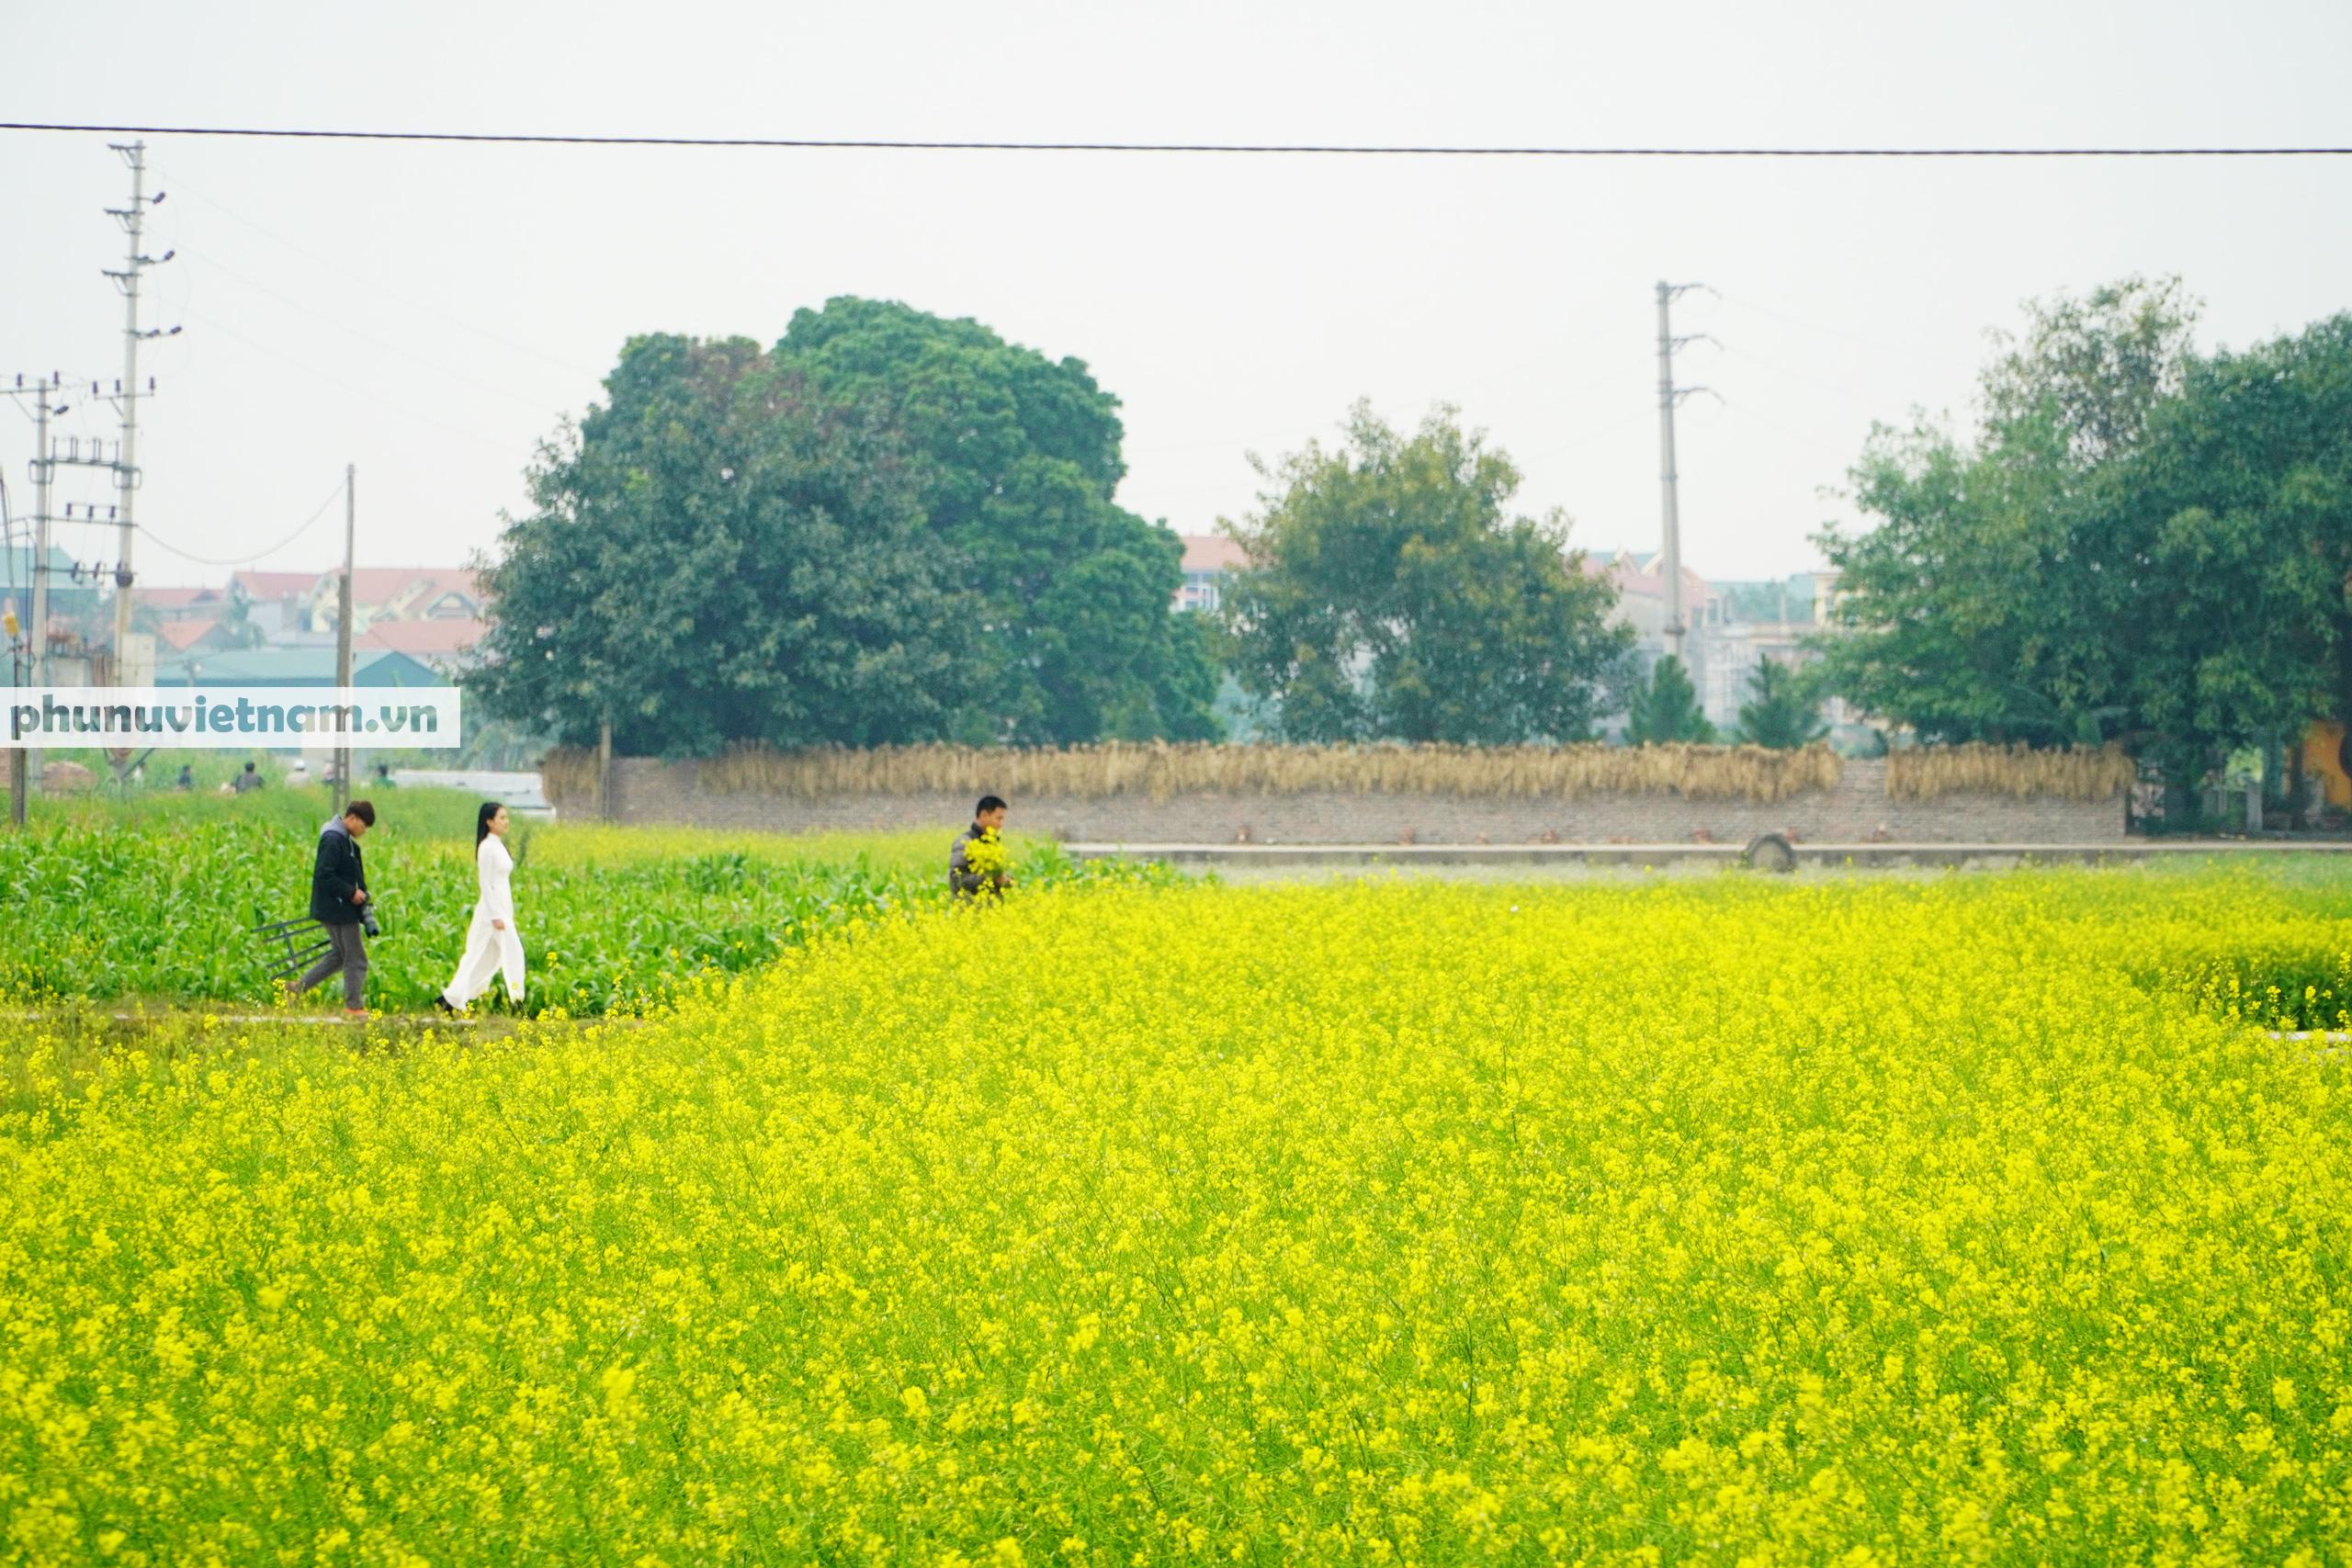 Thiếu nữ áo trắng đẹp hút lòng người trên cánh đồng hoa cải vàng ở Chi Đông - Ảnh 1.